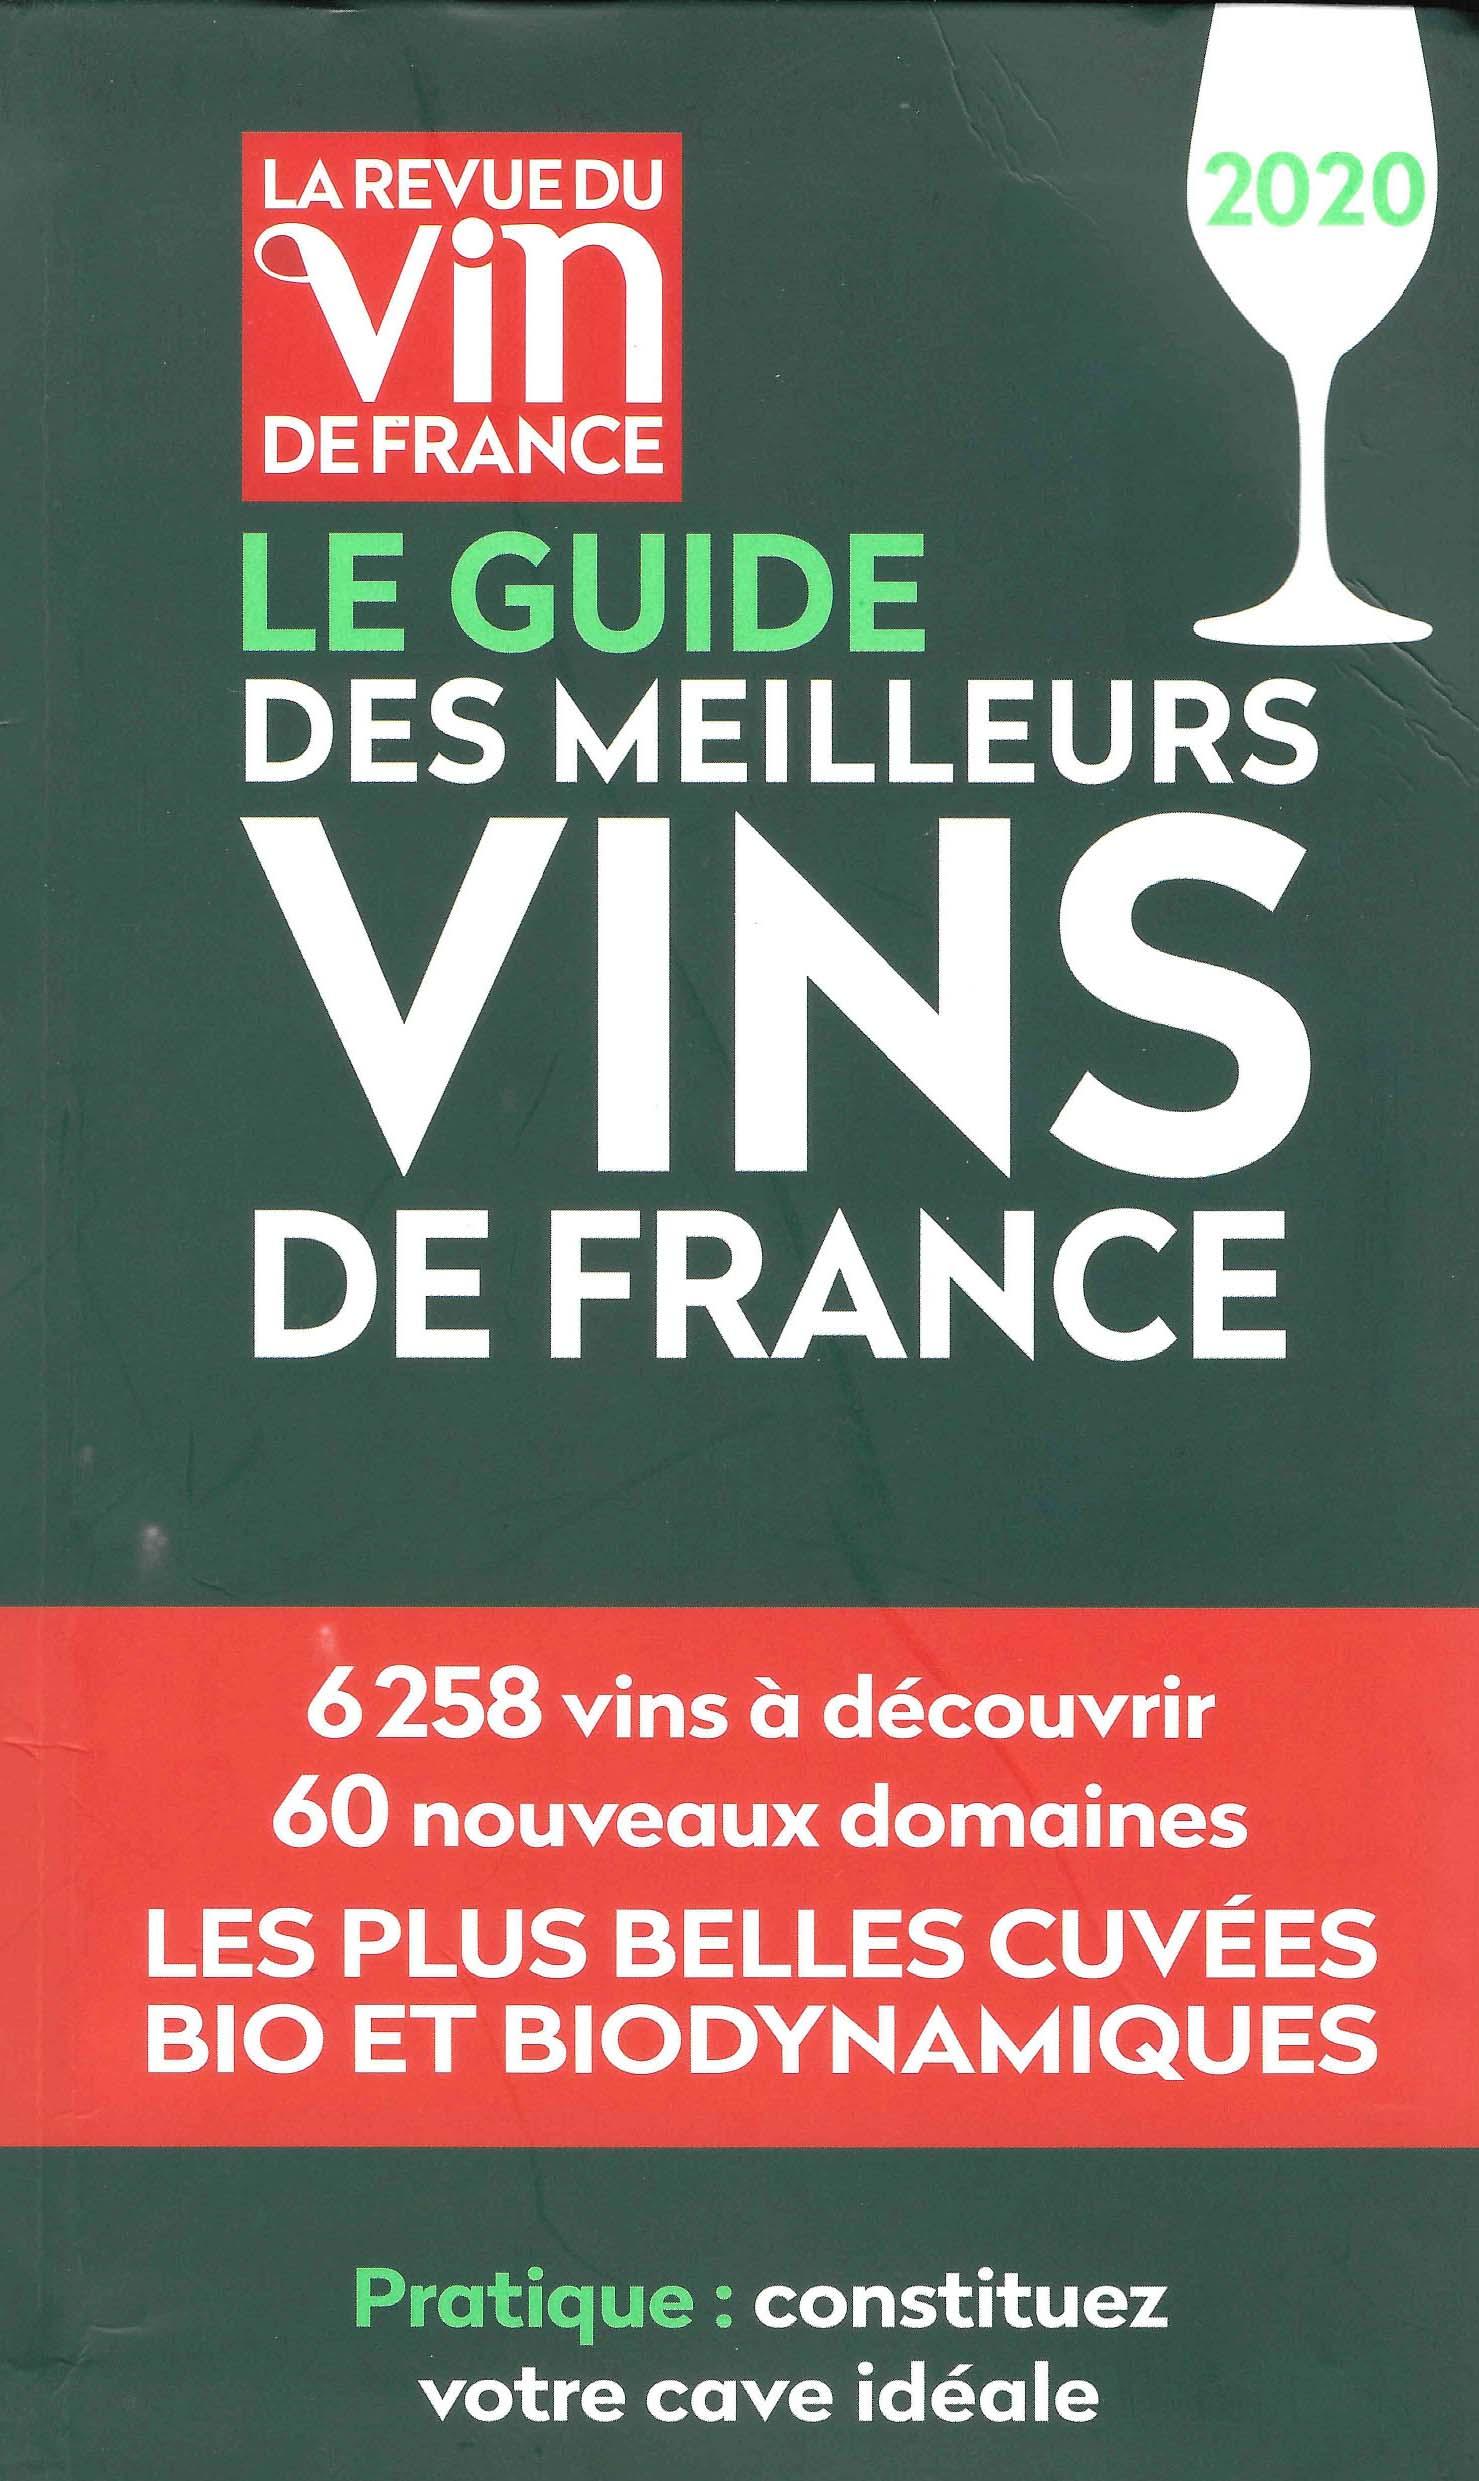 Le Guide des Meilleurs Vins de France 2020